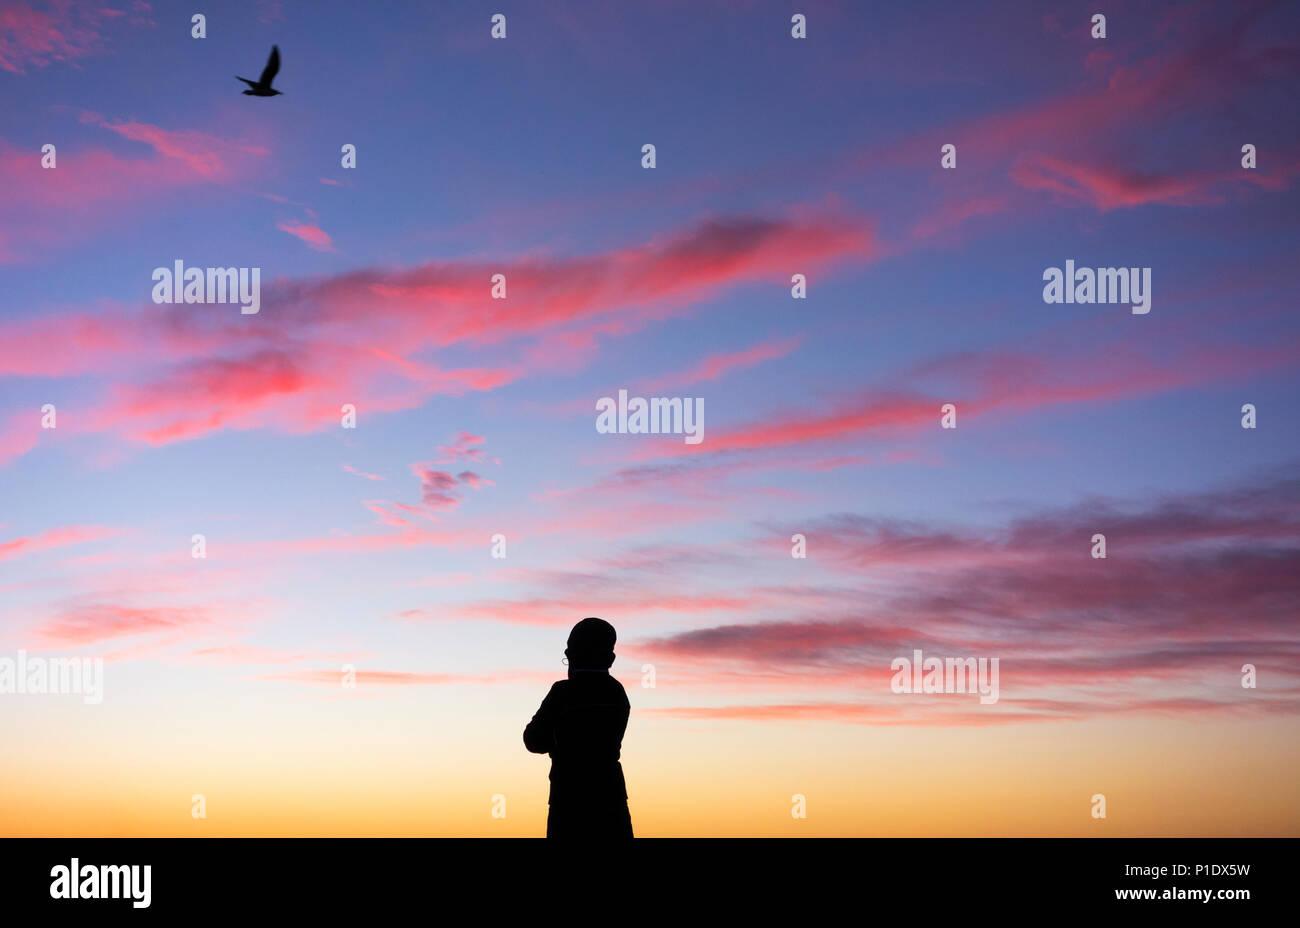 Vista posteriore della donna stagliano tramonto colorato come uccello vola overhead: salute mentale, femmina depressione, pensiero positivo... concetto di immagine Immagini Stock